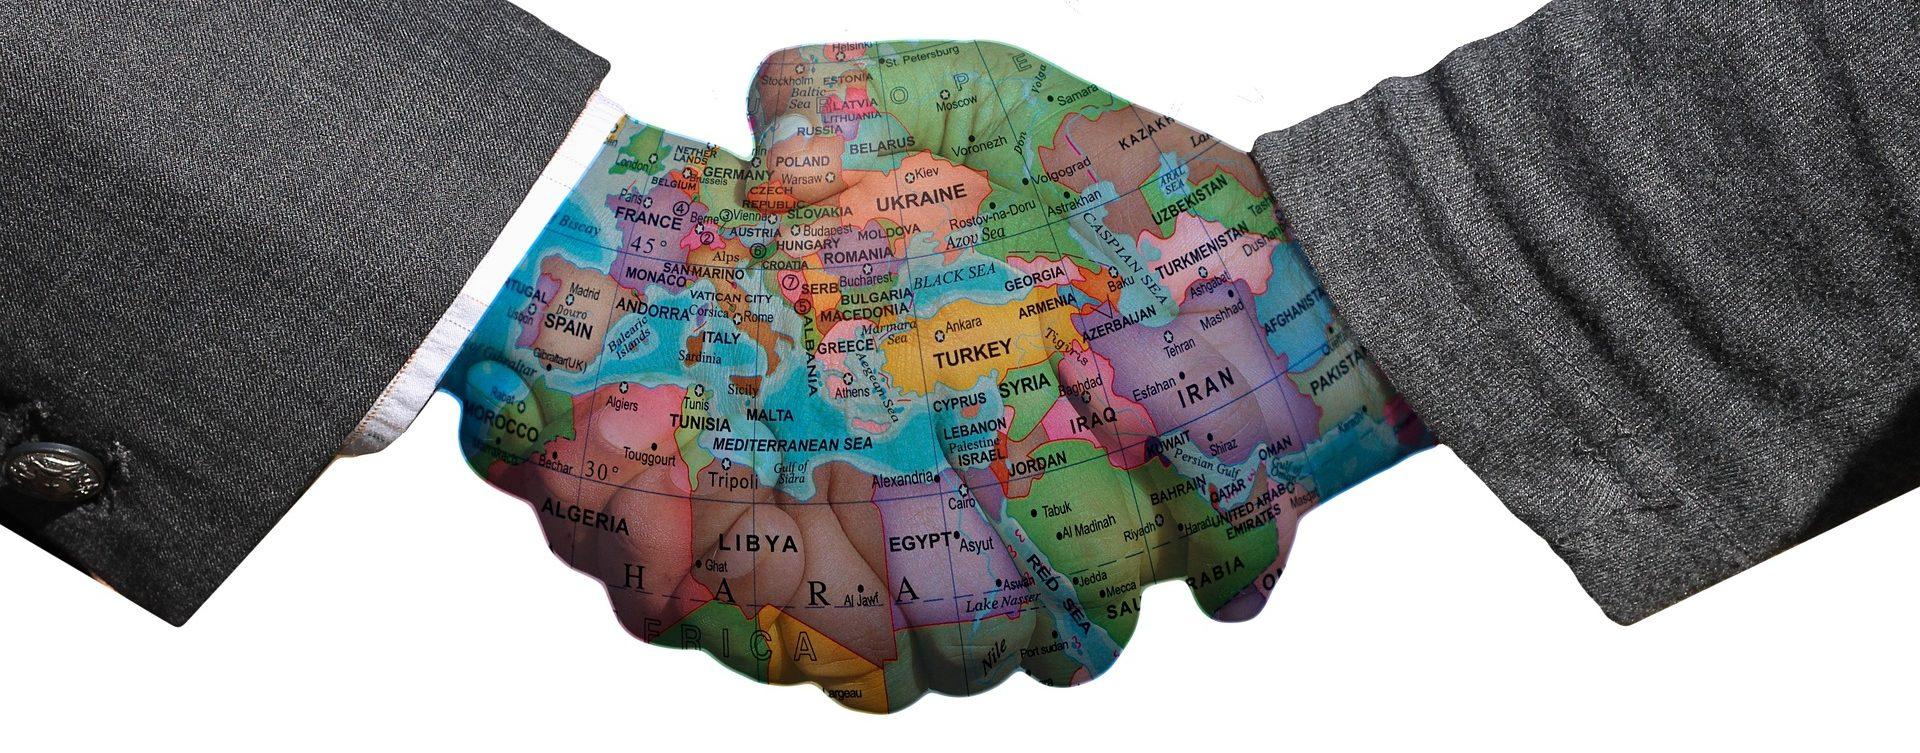 Handshake verhandlungen mit Peren & Partner